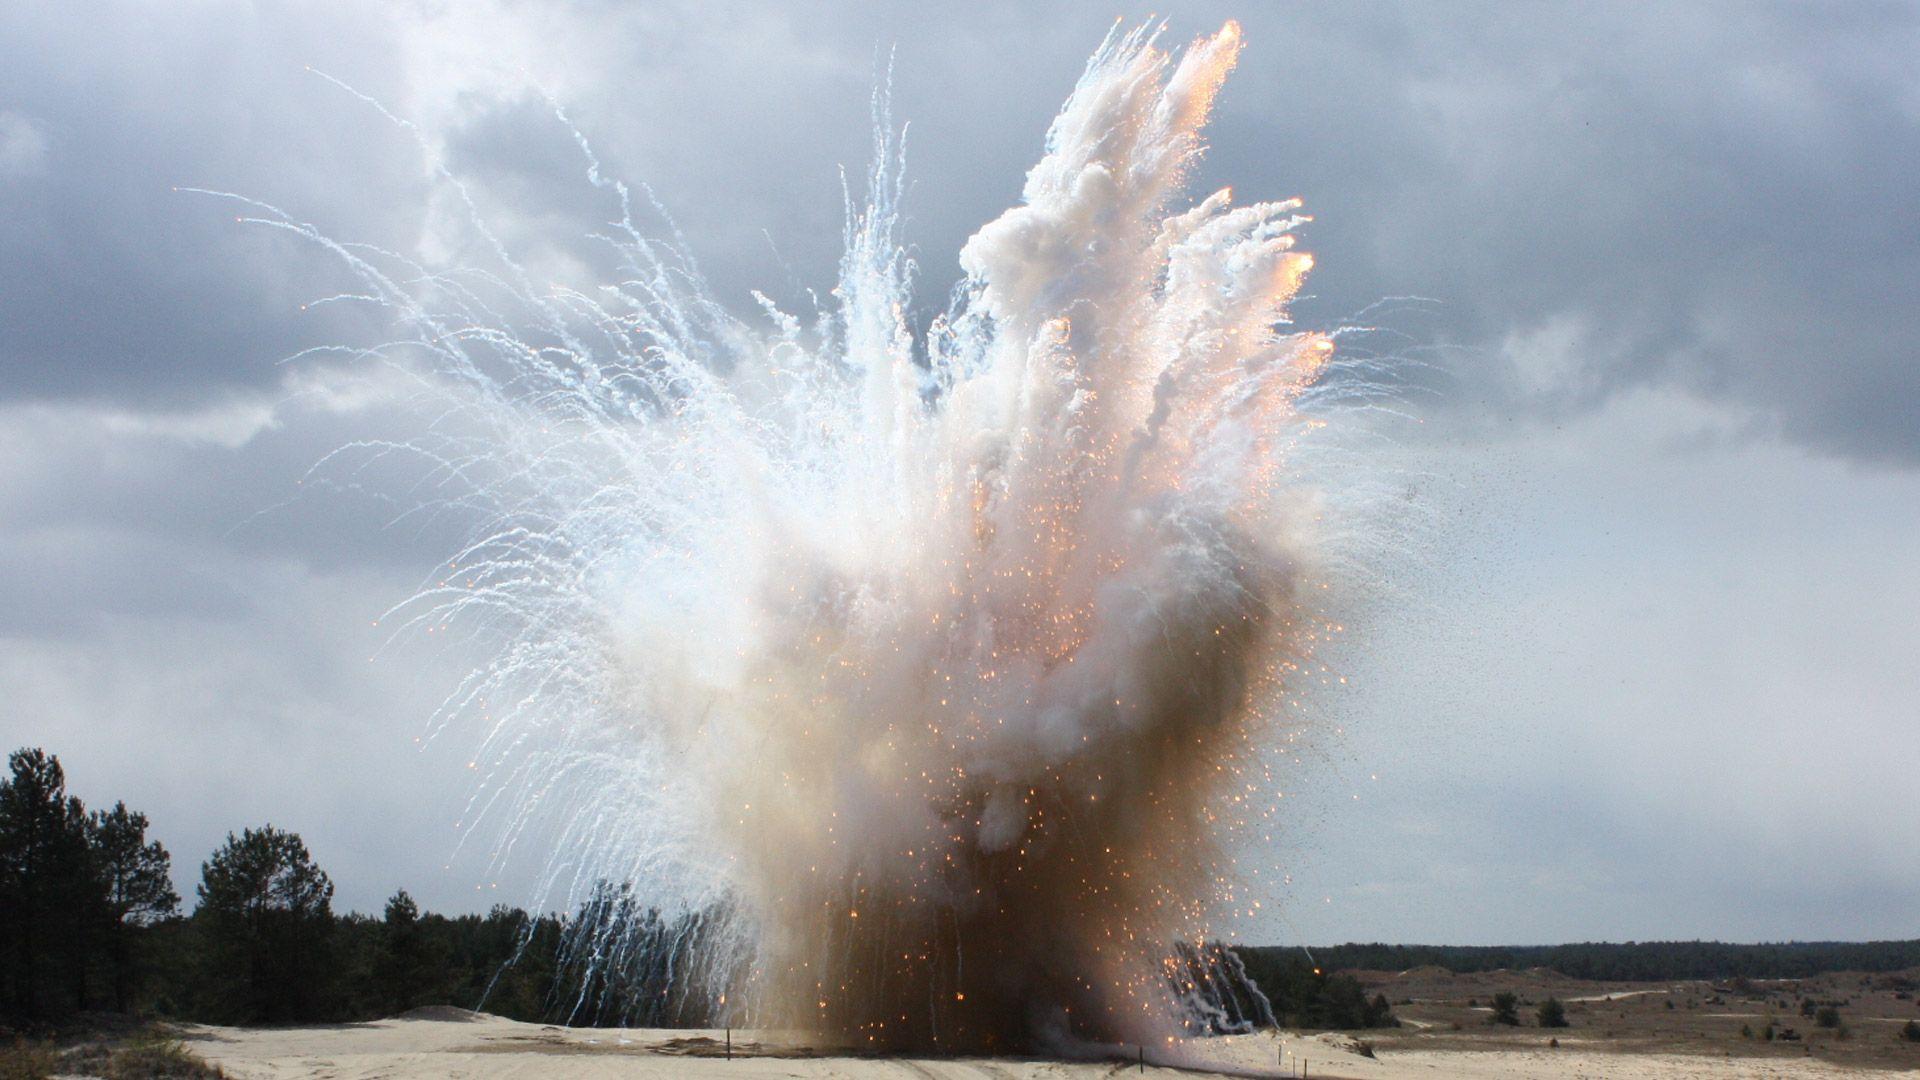 explosieven opsporing nederland